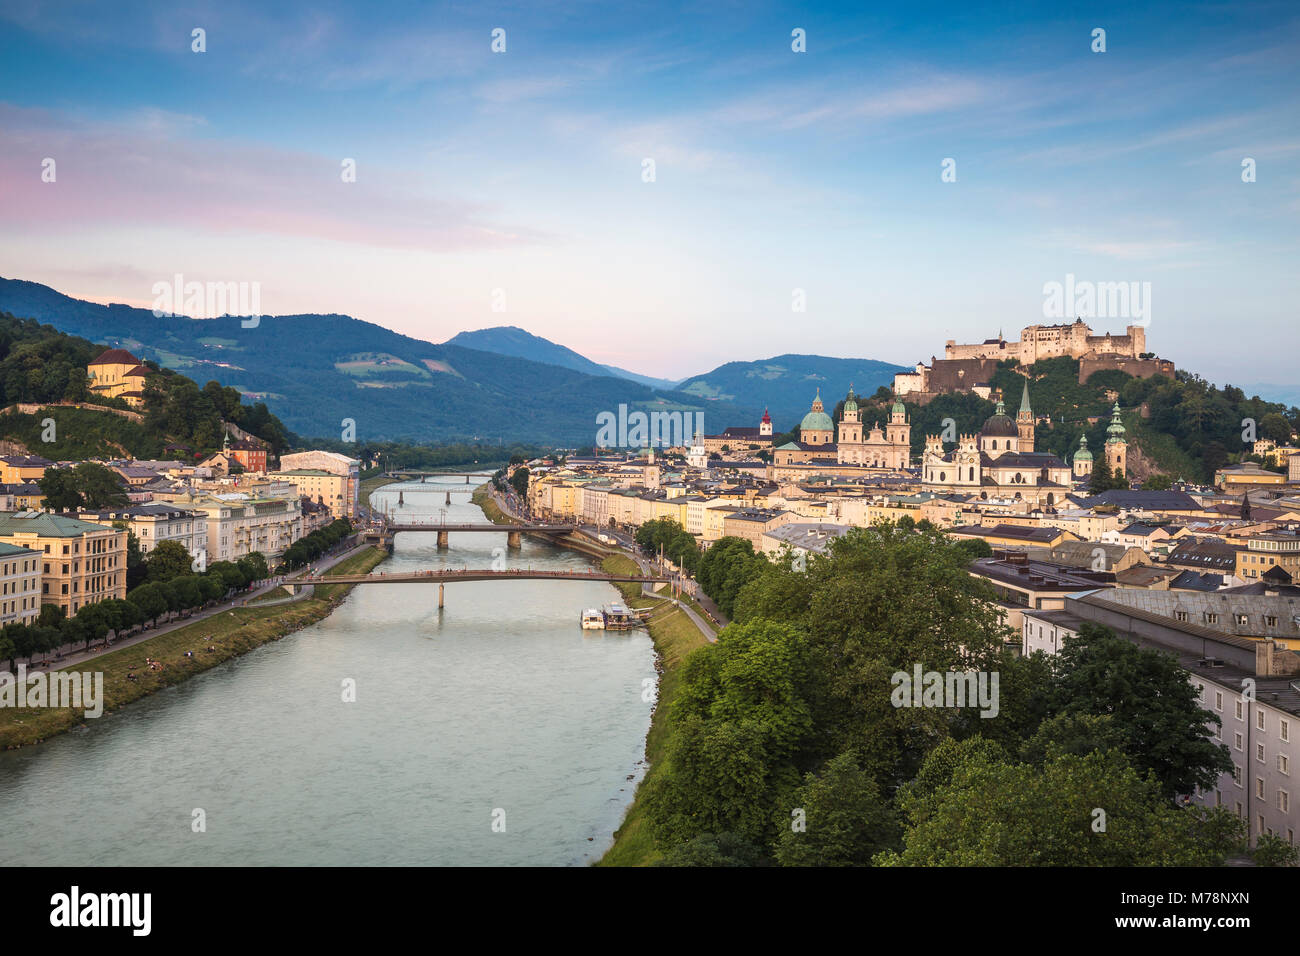 Vista del río Salzach y Castillo de Hohensalzburg por encima de la ciudad vieja de Salzburgo, Austria, Europa Imagen De Stock